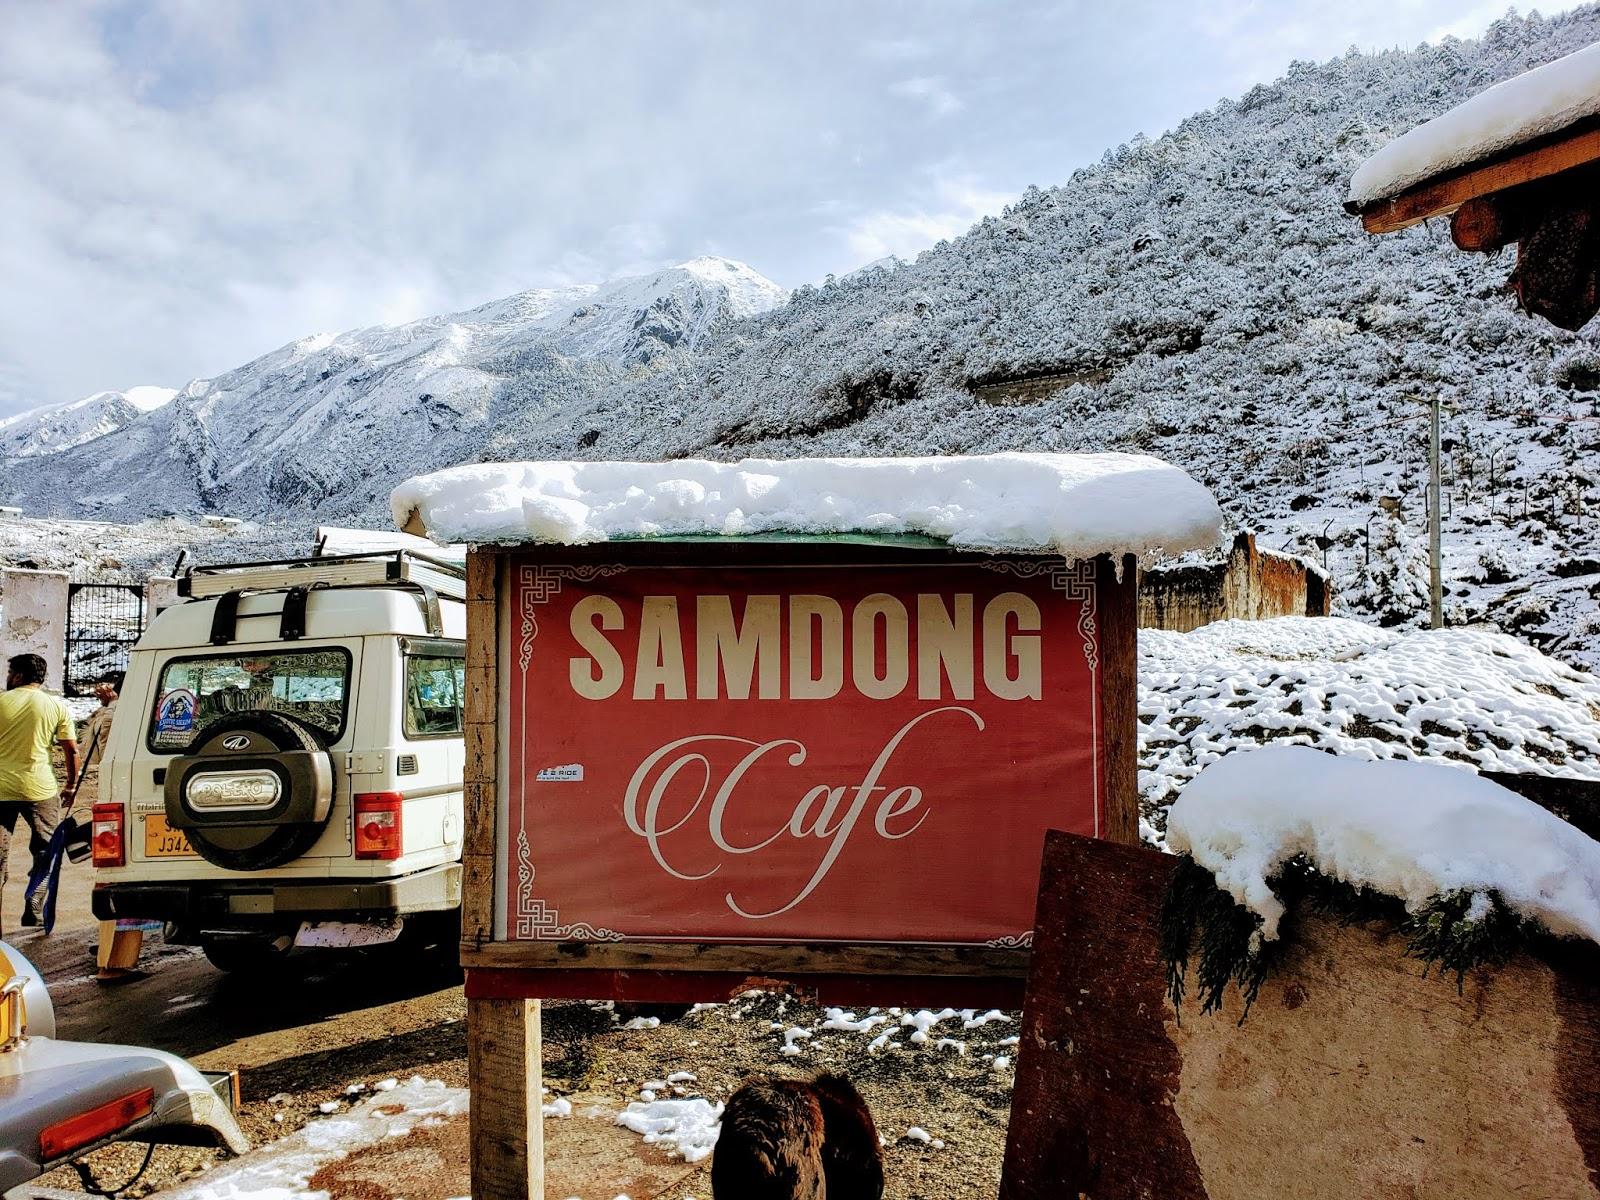 सामडोंग कैफ़े, गुरुडोंगमार के रास्ते में